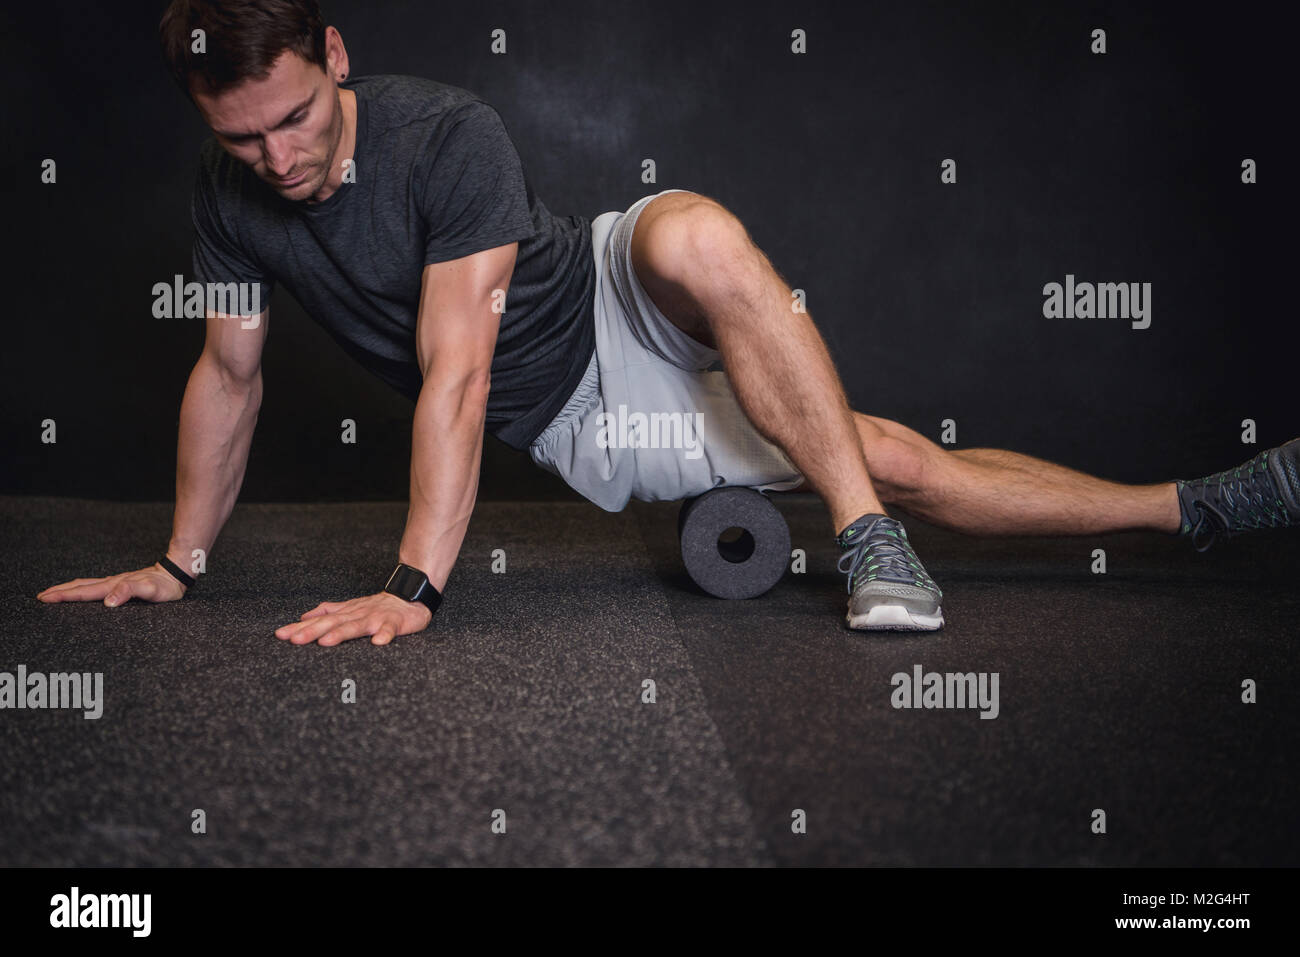 Rimedi per i DOMS - Dolori Muscolari Post-Allenamento